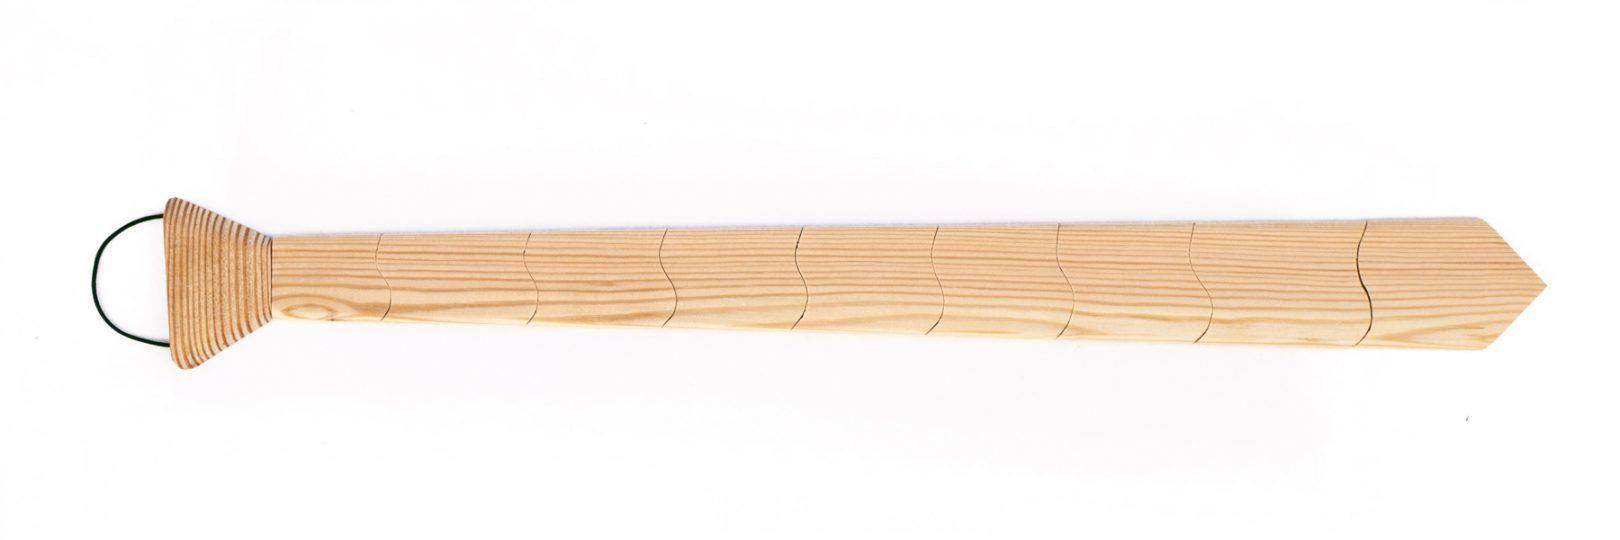 Cravatta di legno